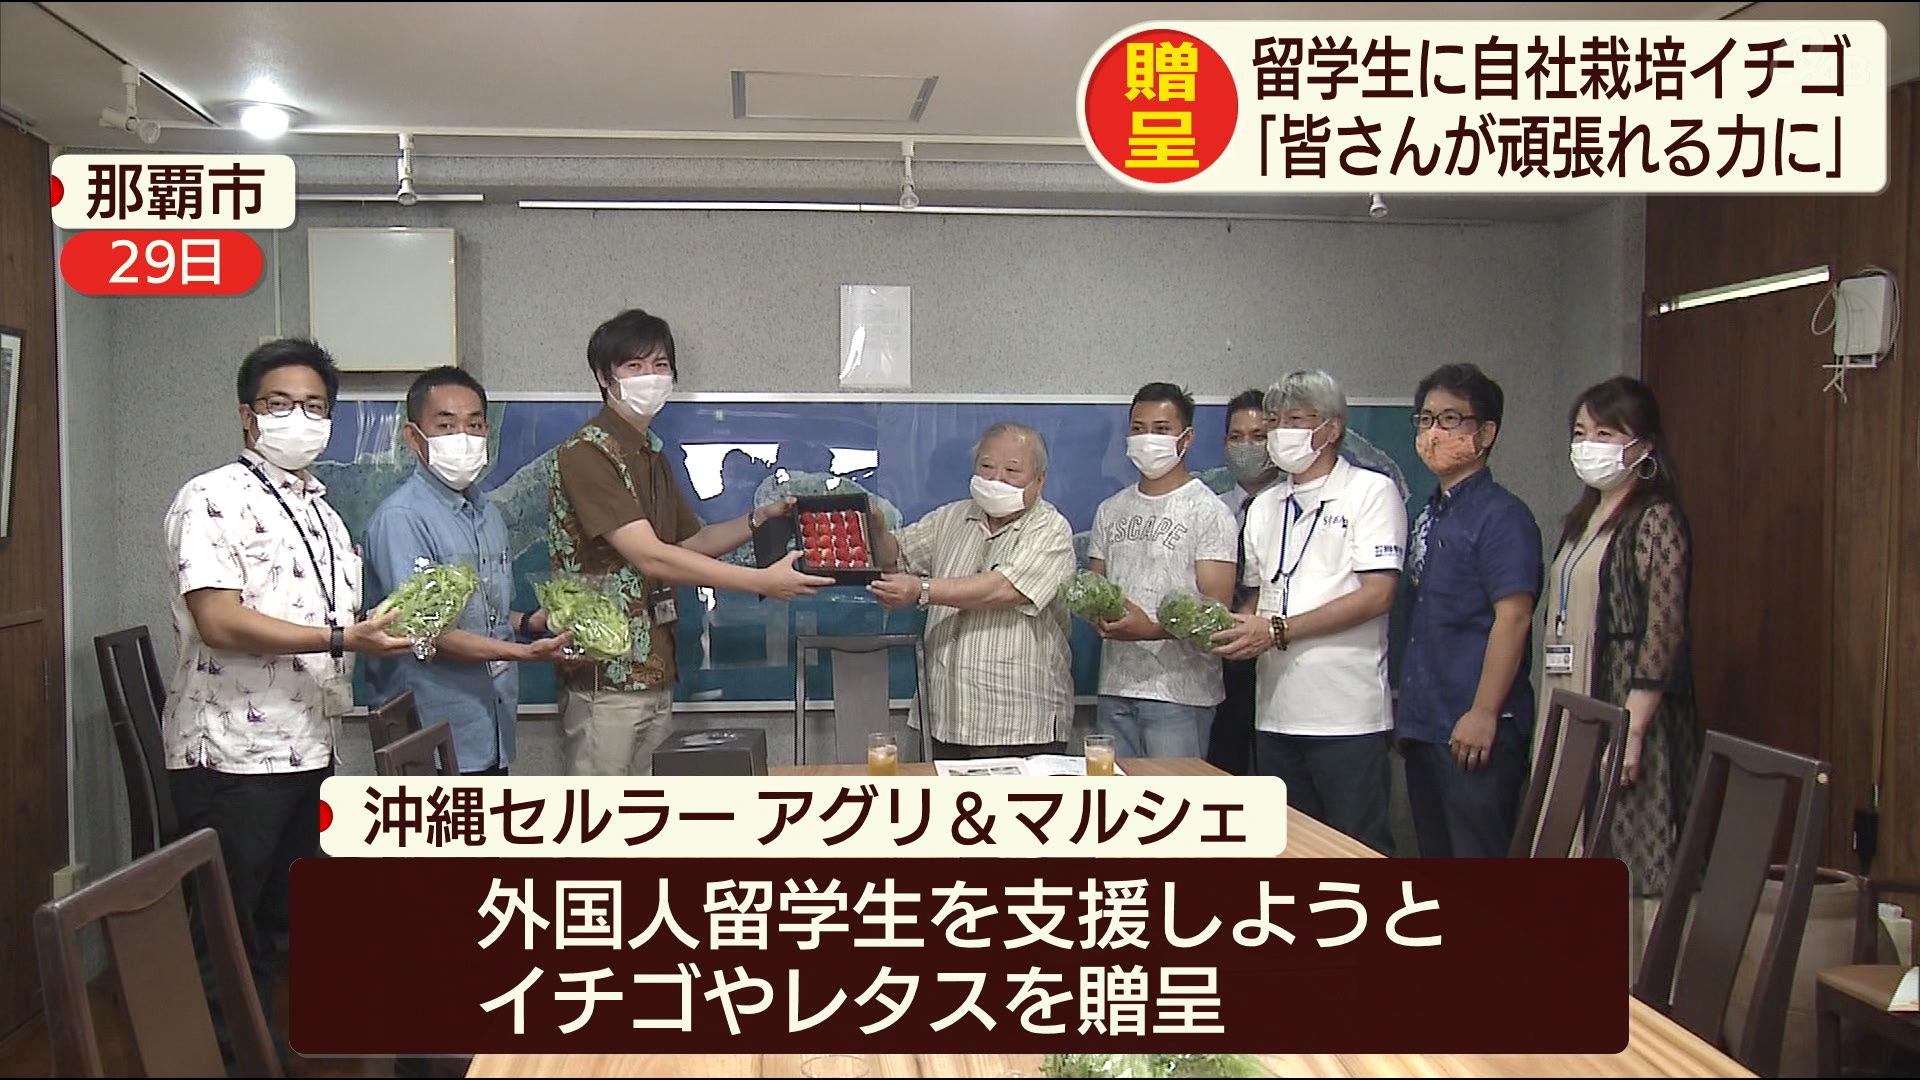 留学生に自社栽培のイチゴを贈呈